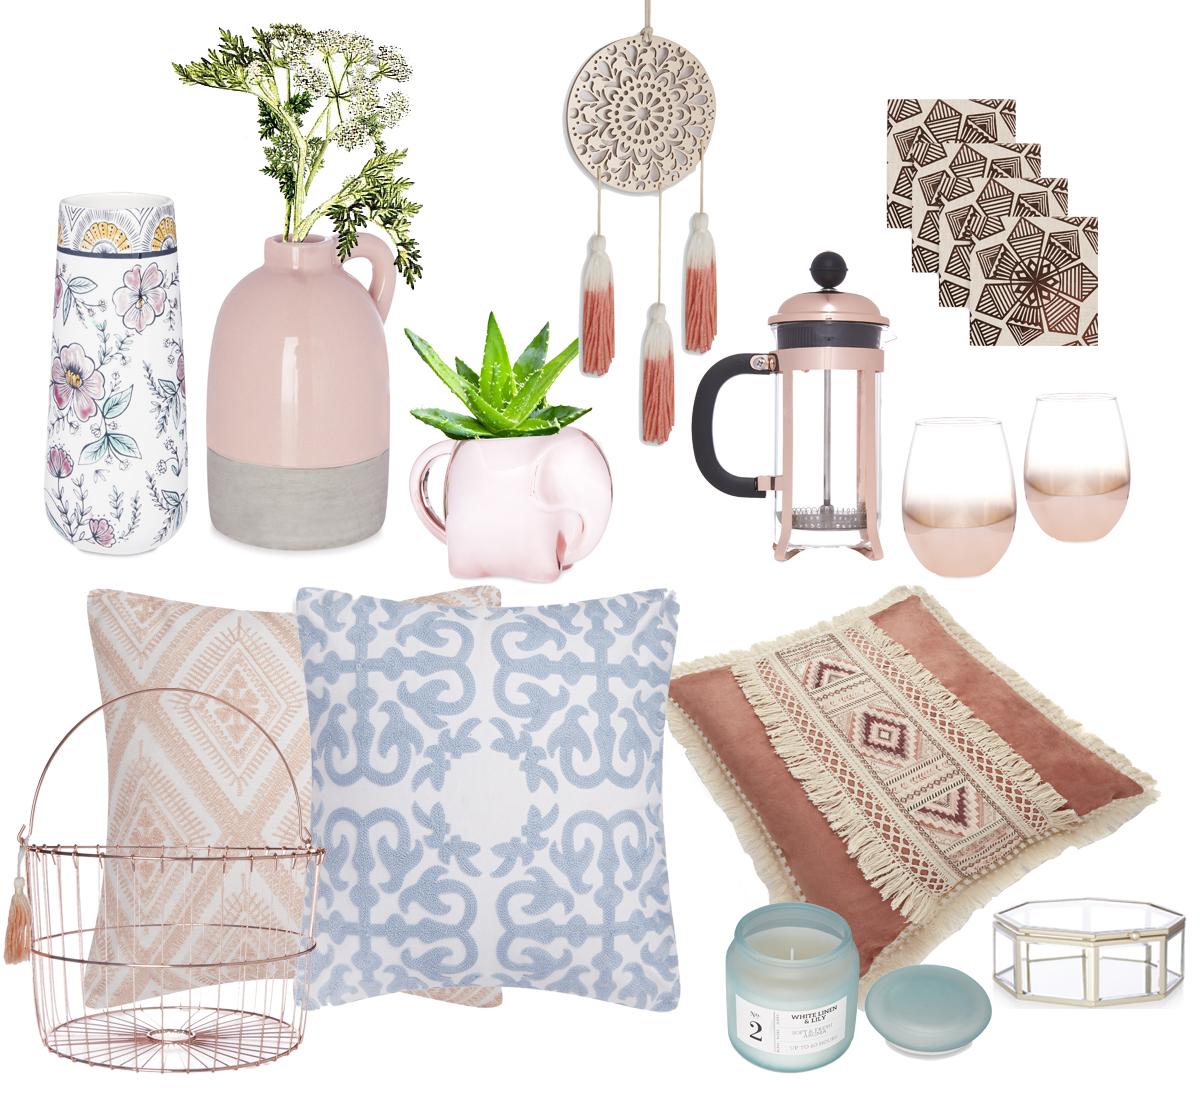 primark-nuova collezione-casa